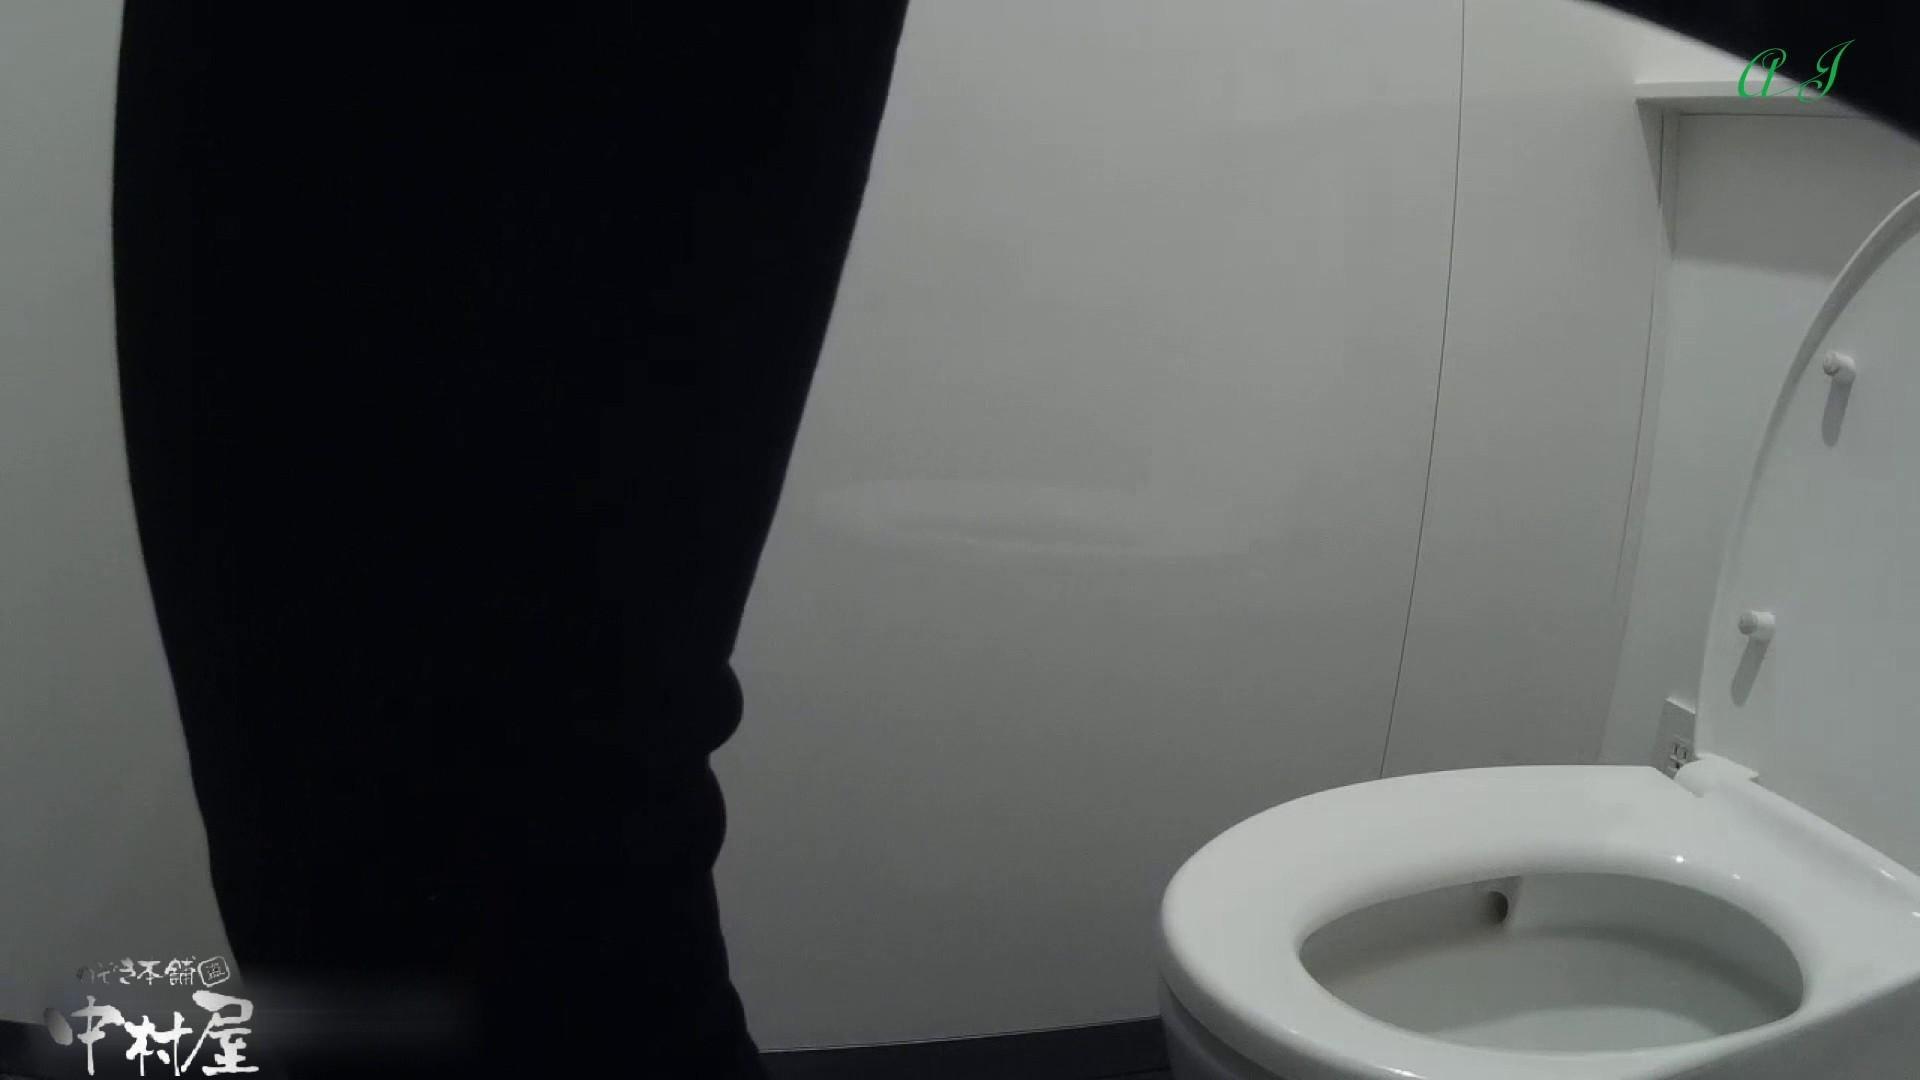 大あり美JDトイレ盗satu【有名大学女性洗面所 vol.80】 和式 盗み撮り動画 67連発 23